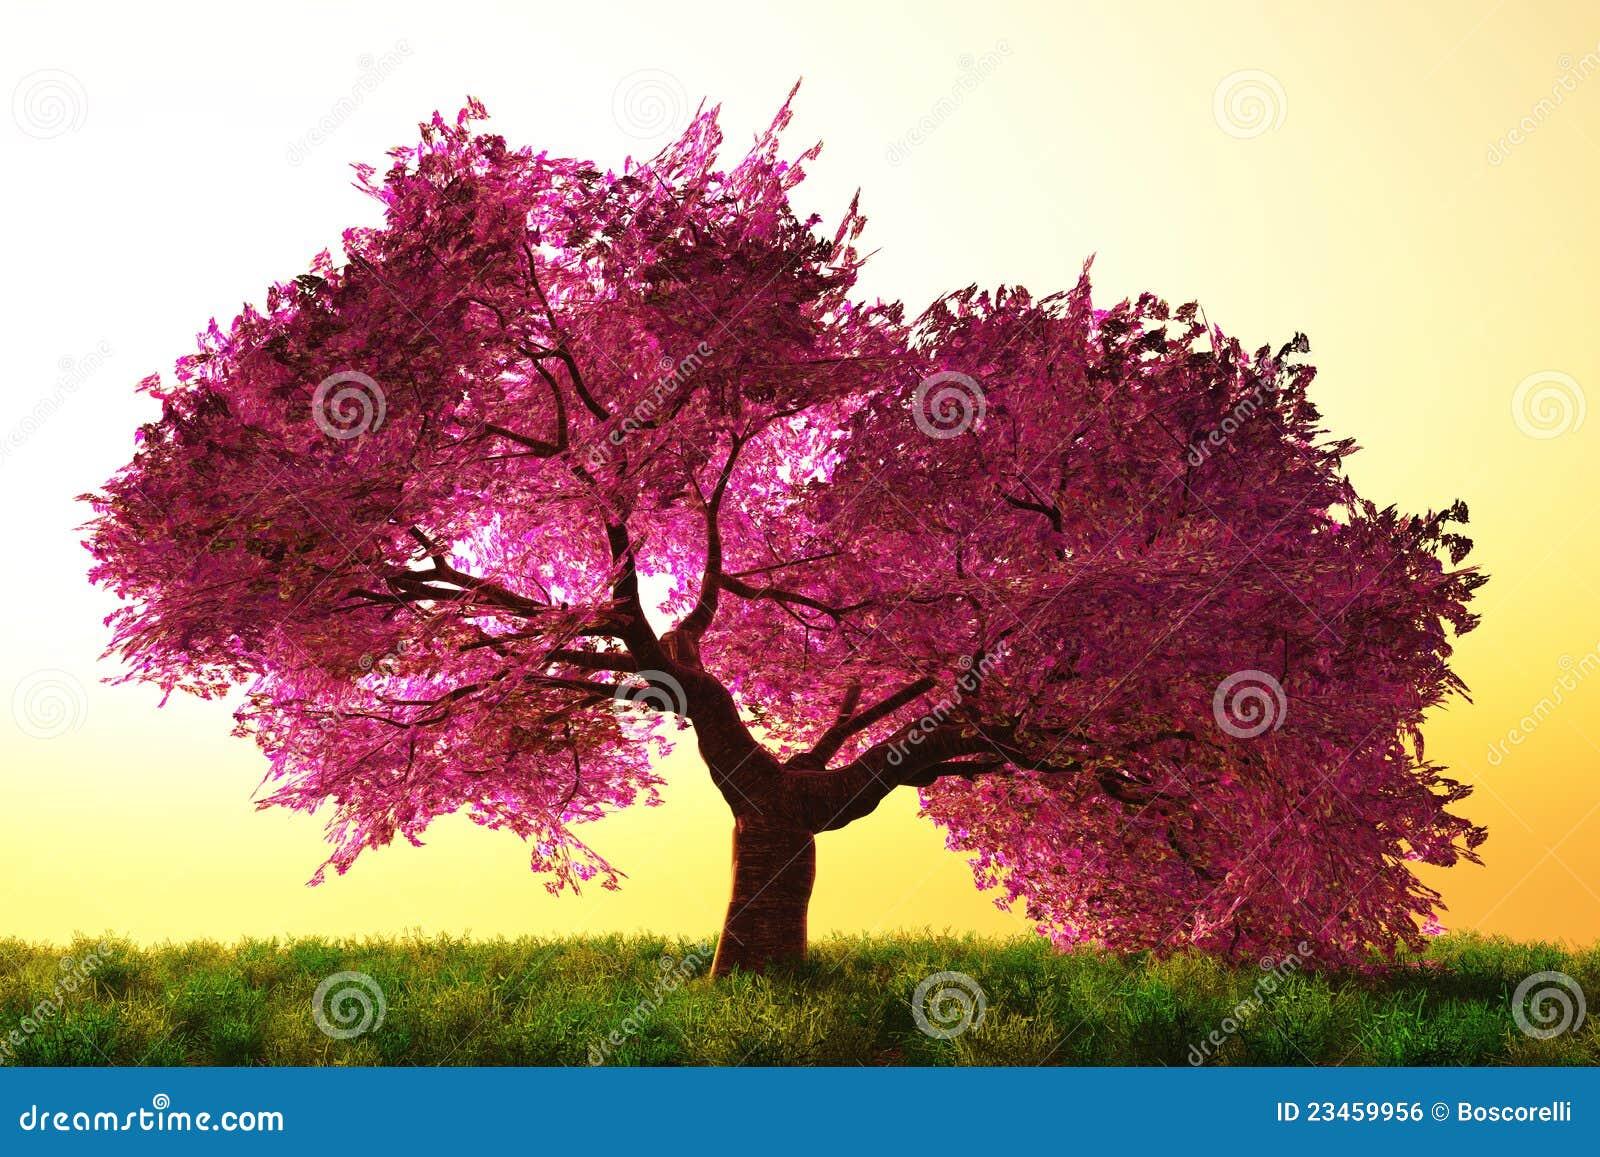 Dessin anim japonais myst rieux de jardin de fleurs de - Dessin fleur de cerisier ...